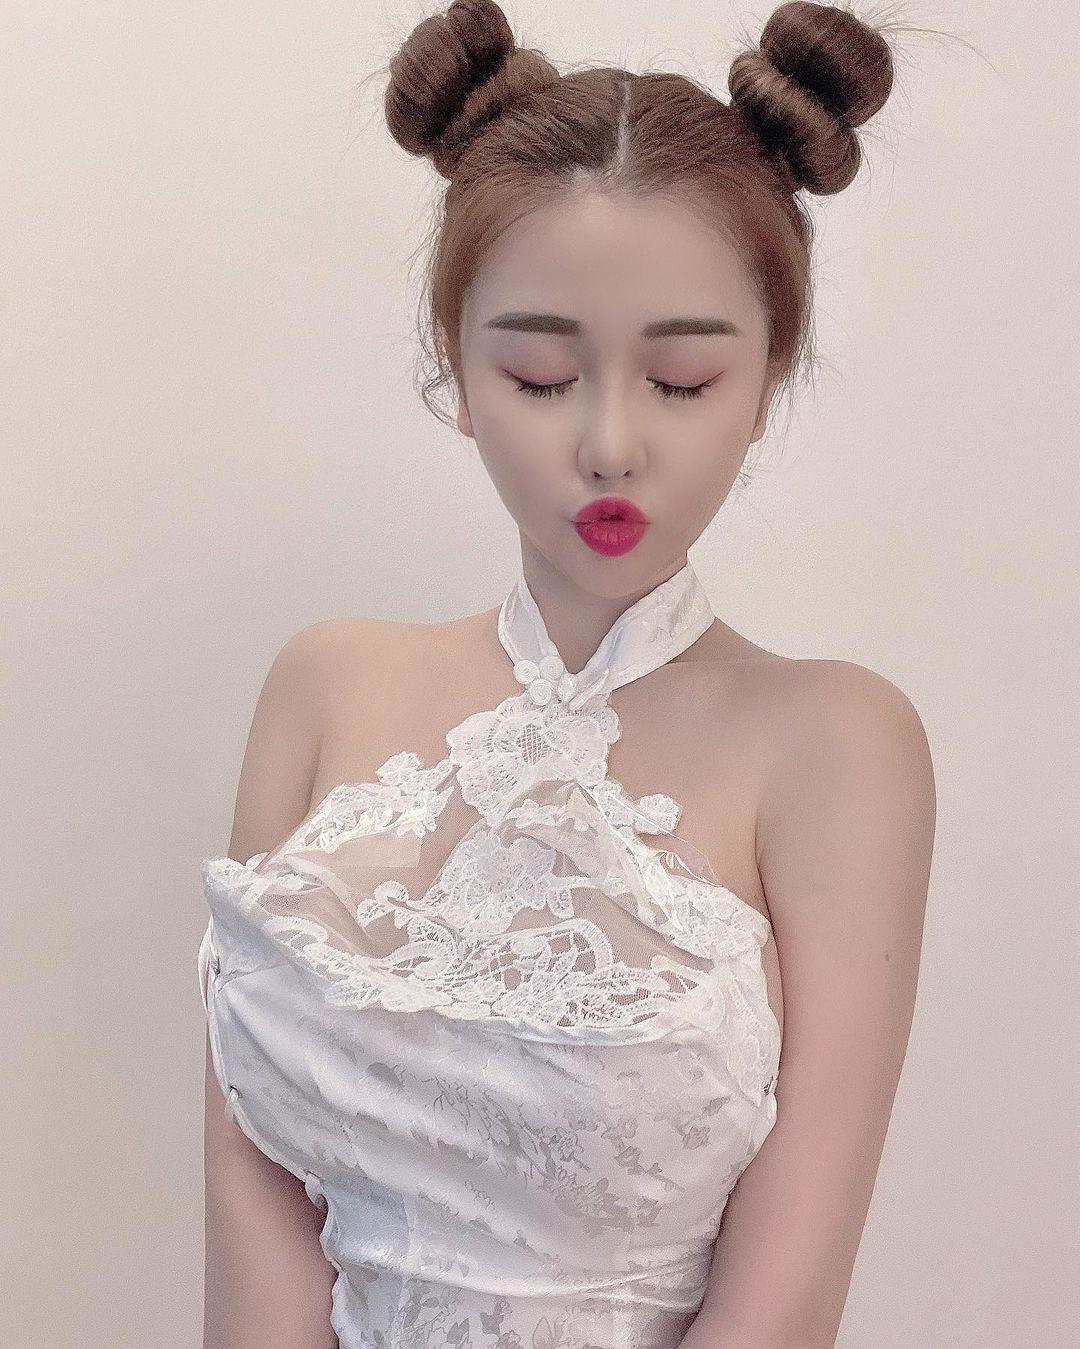 台湾人モデル・ジェナ「あなたの好みはどれ?」旧正月を祝うセクシーなチャイナドレス姿【画像5枚】の画像005